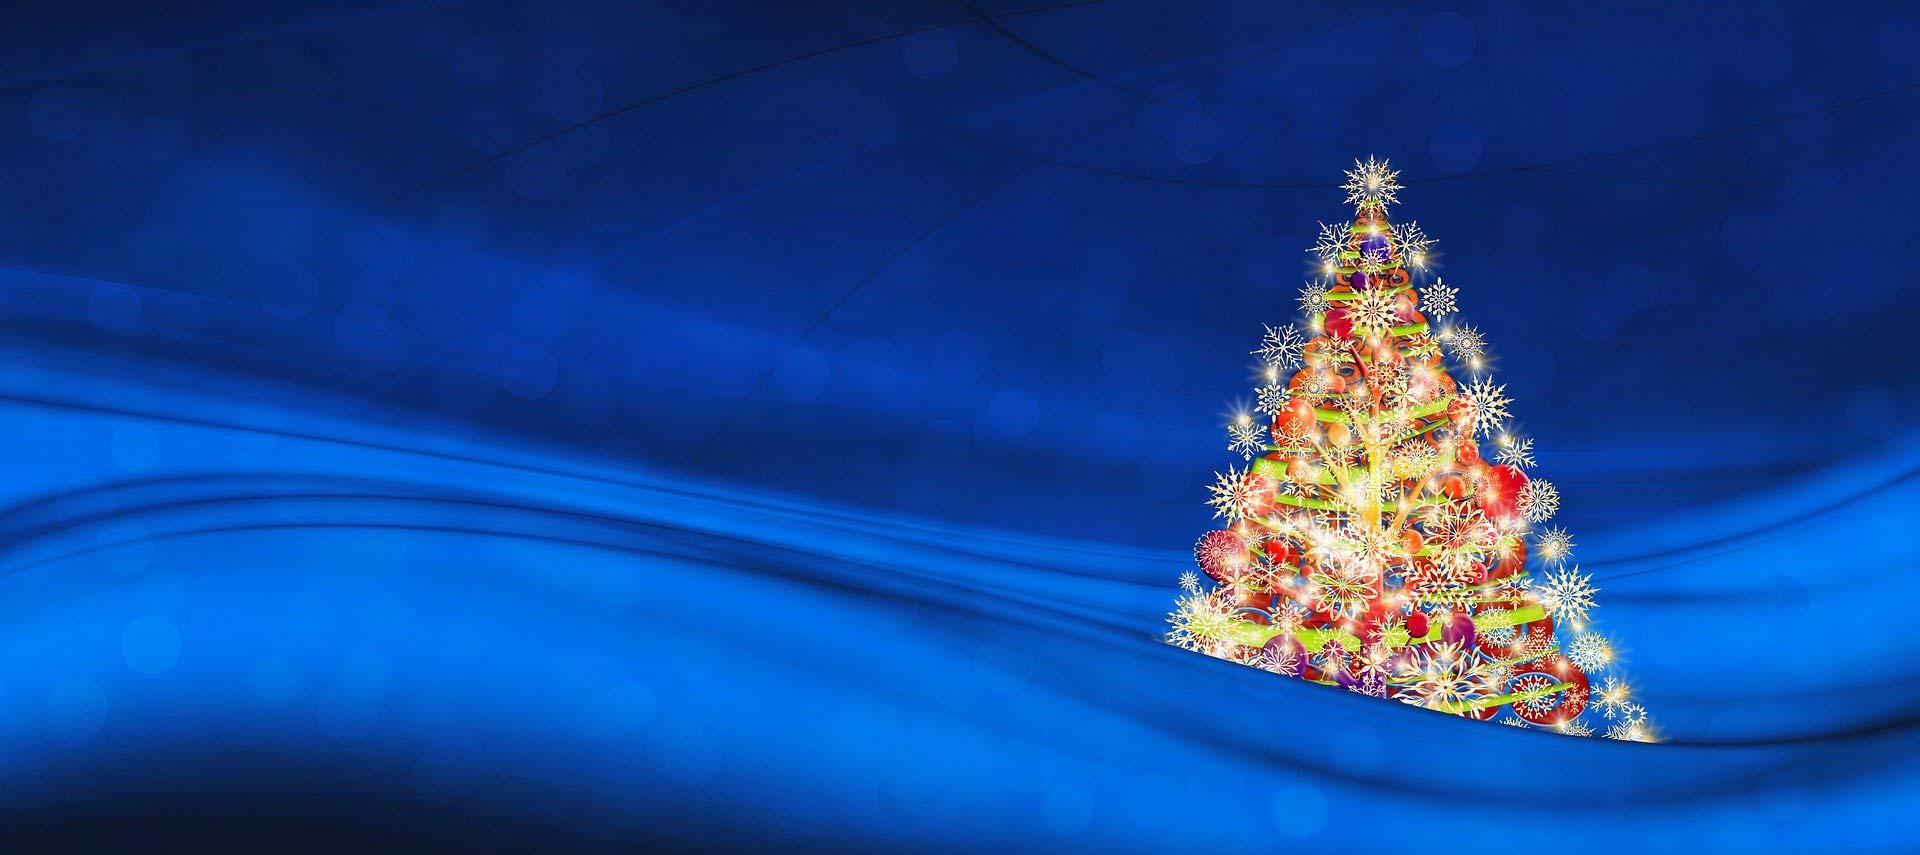 Natale è rinascita, letteralmente.